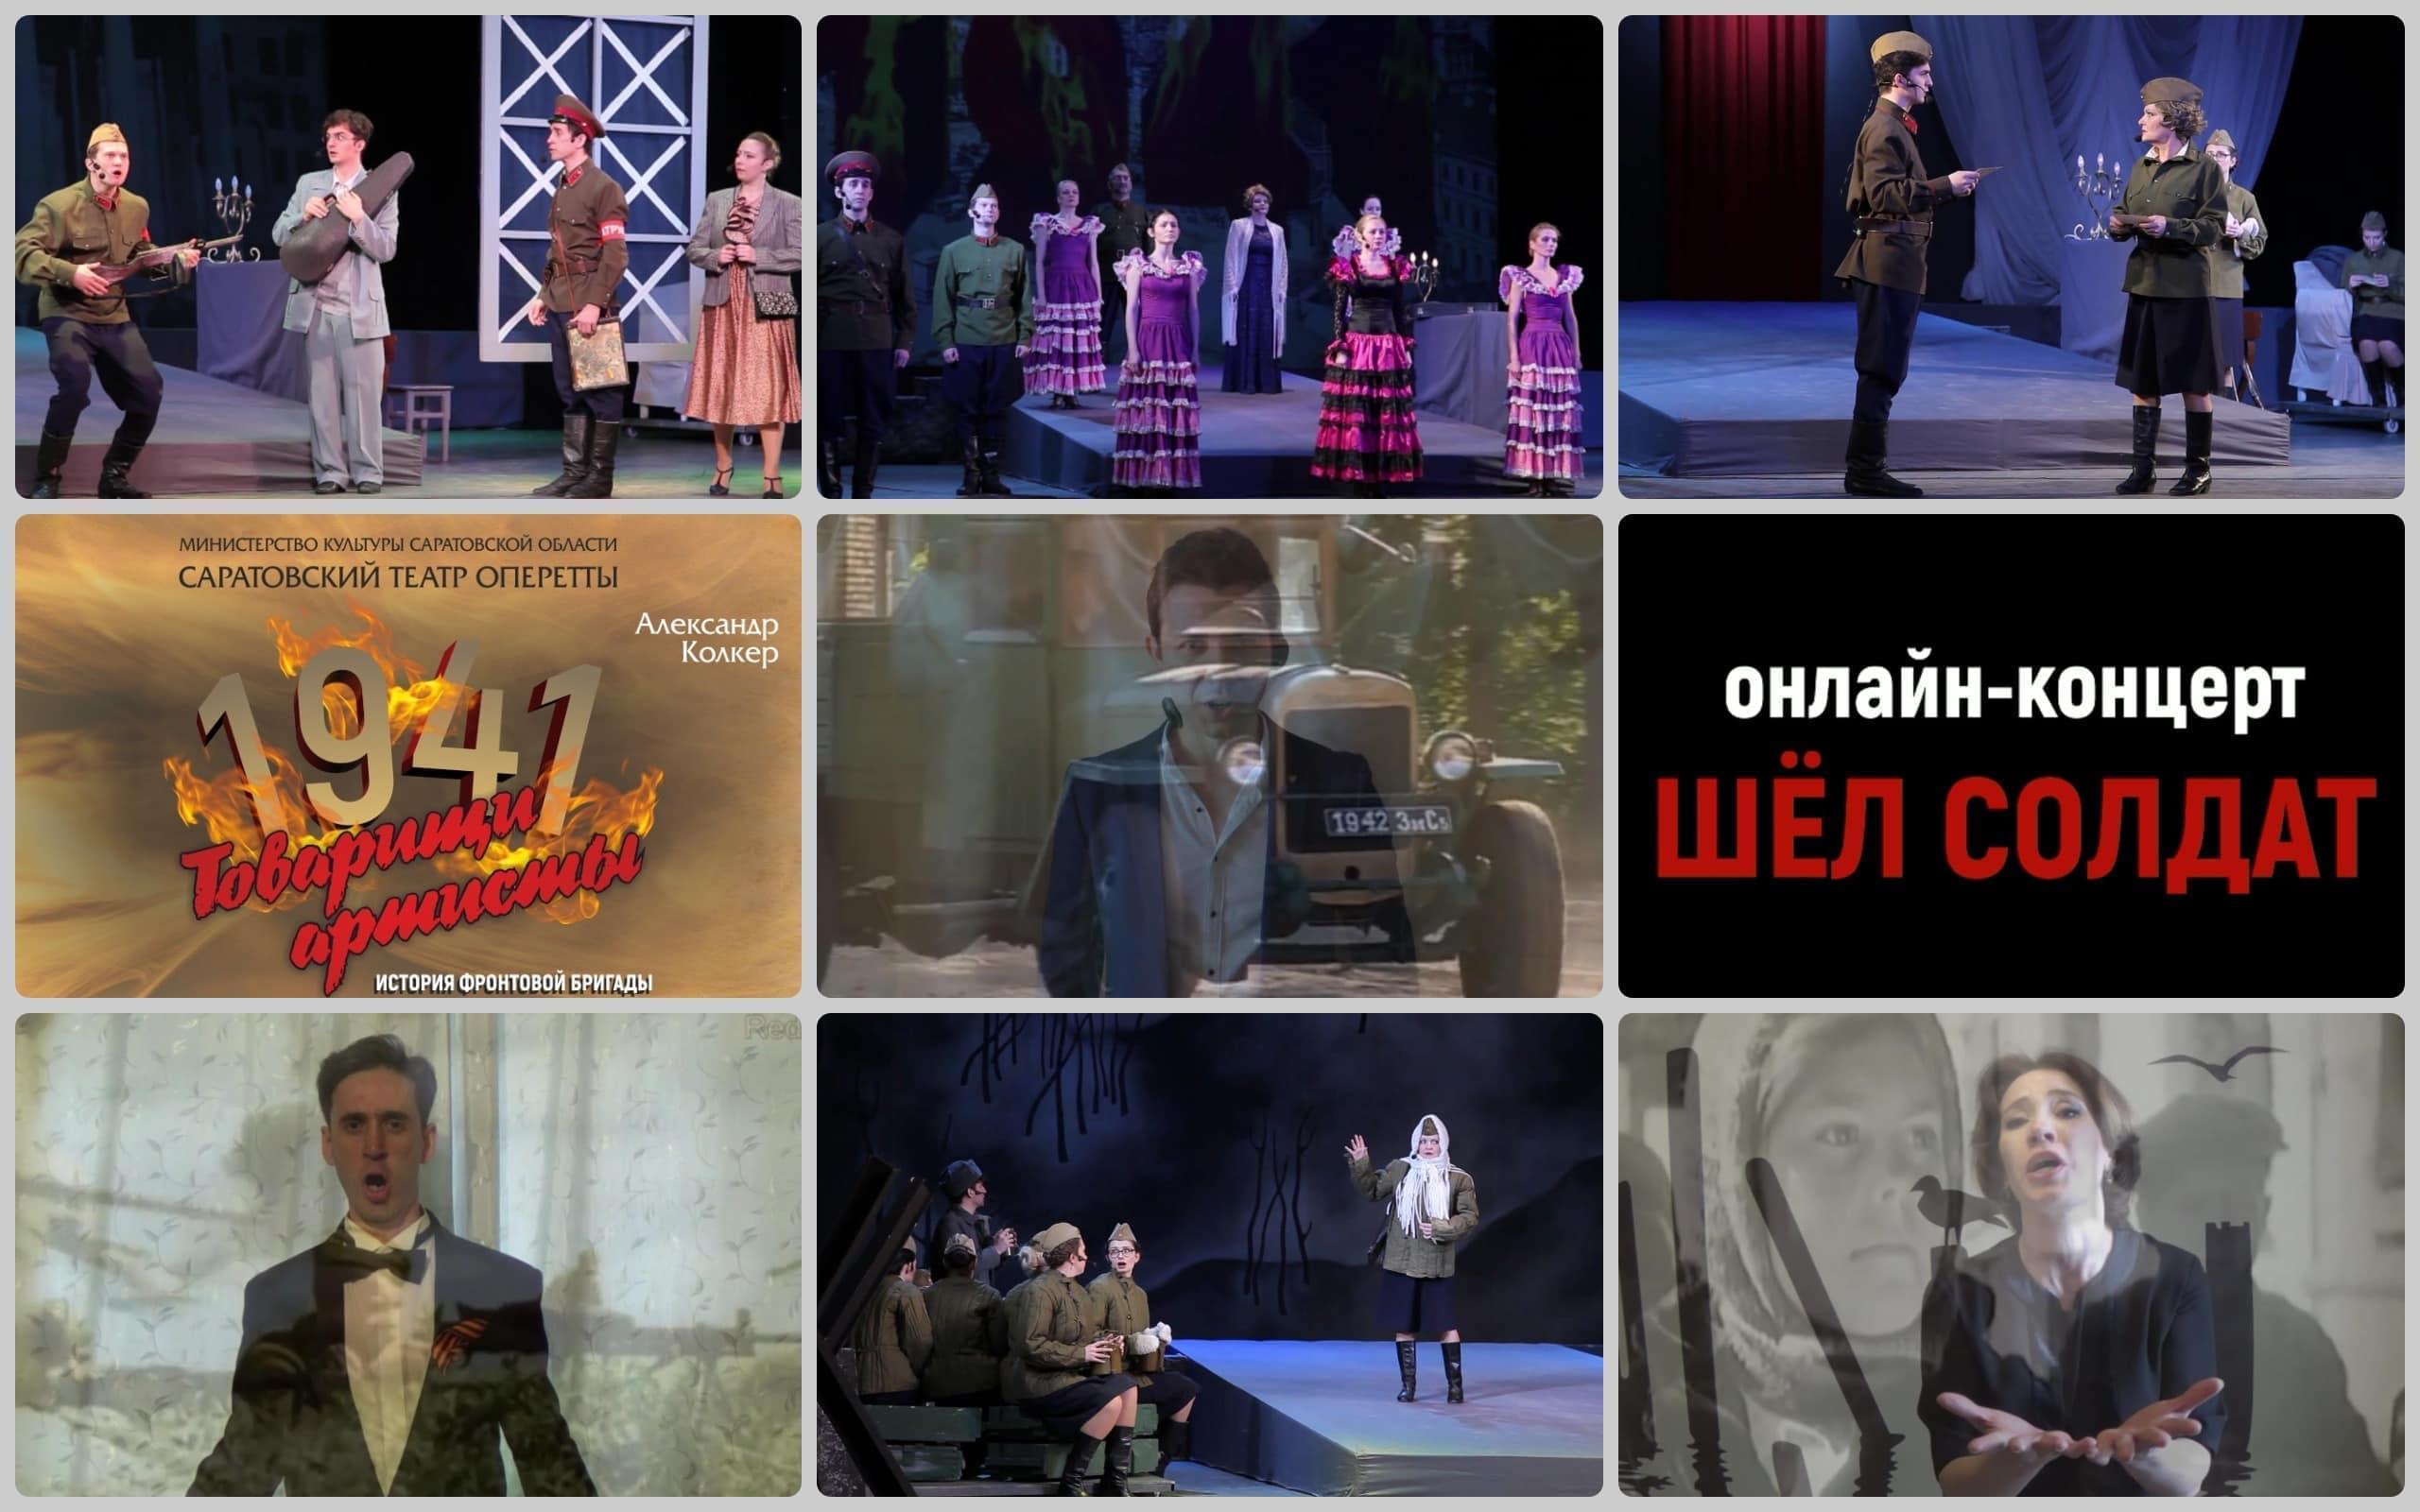 К празднику Победы Саратовский театр оперетты приходит с двумя премьерами